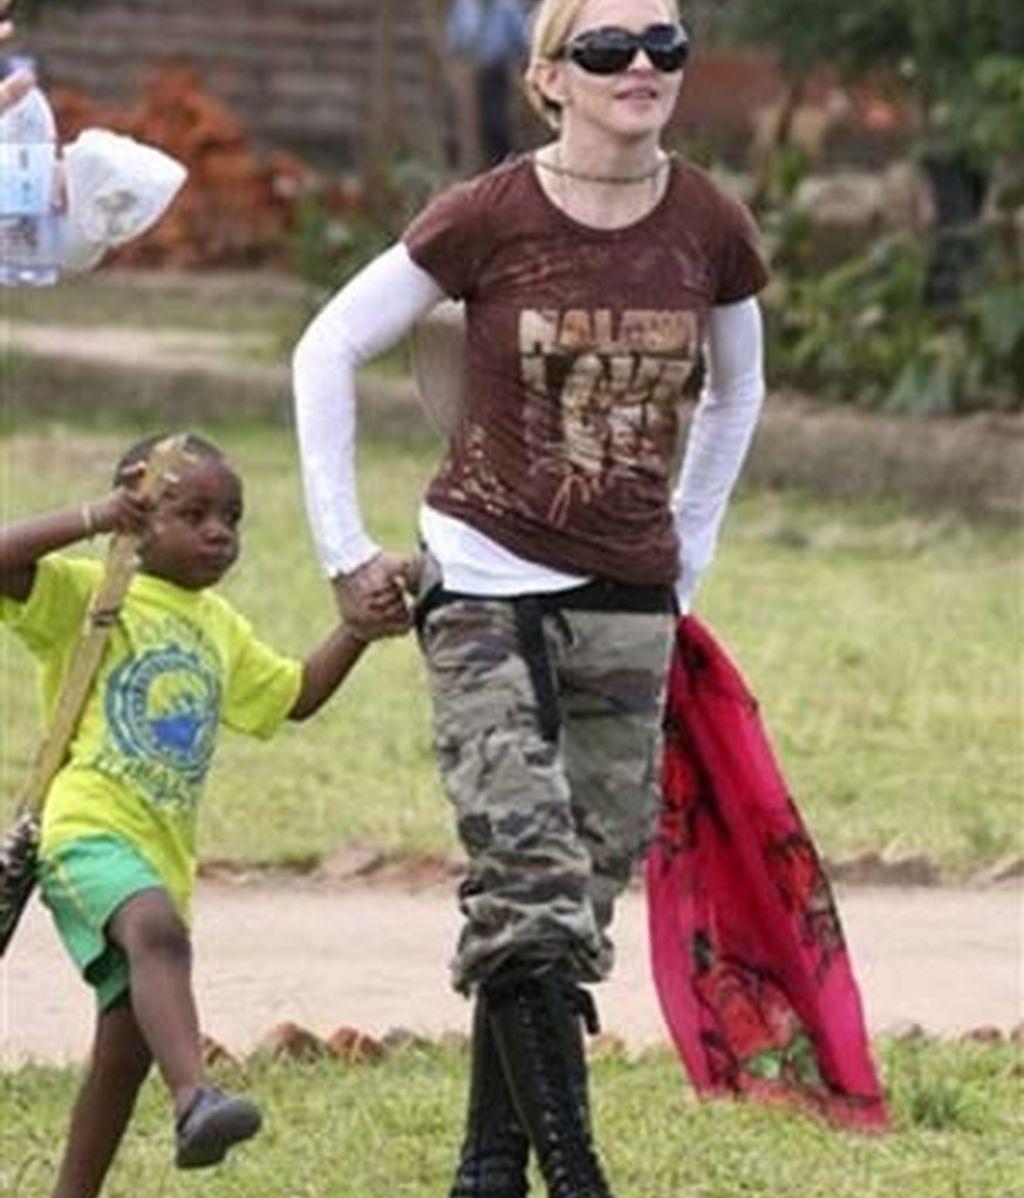 La 'Reina del Pop', en Malawi y junto a su primer hijo adoptivo mientras espera para adoptar una niña de cuatro años. Foto: AP